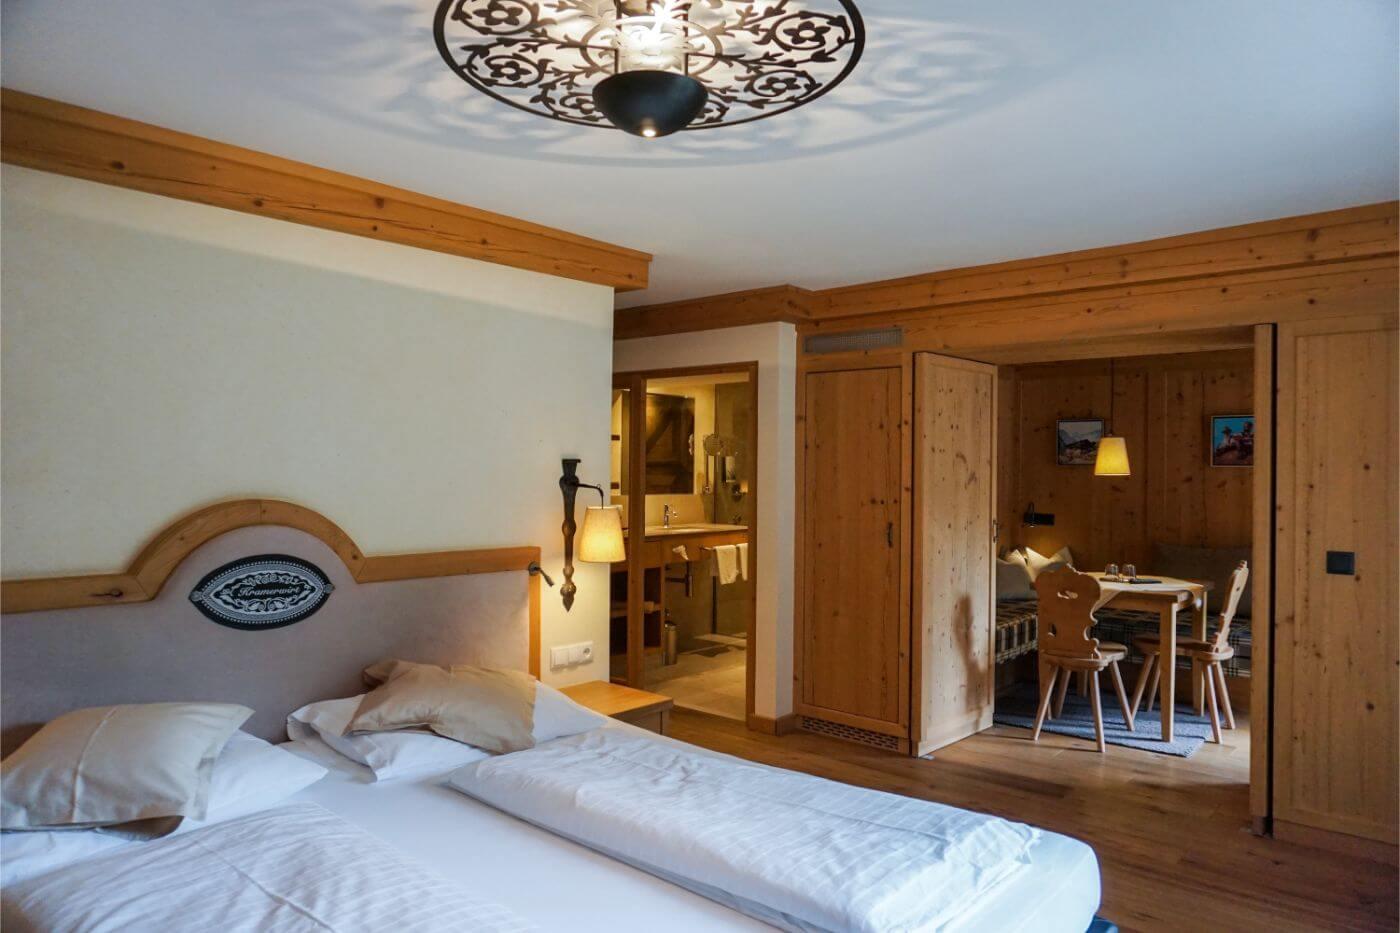 Alpenhotel Kramerwirt bedroom, 4 - Star hotel in Mayrhofen, Zillertal